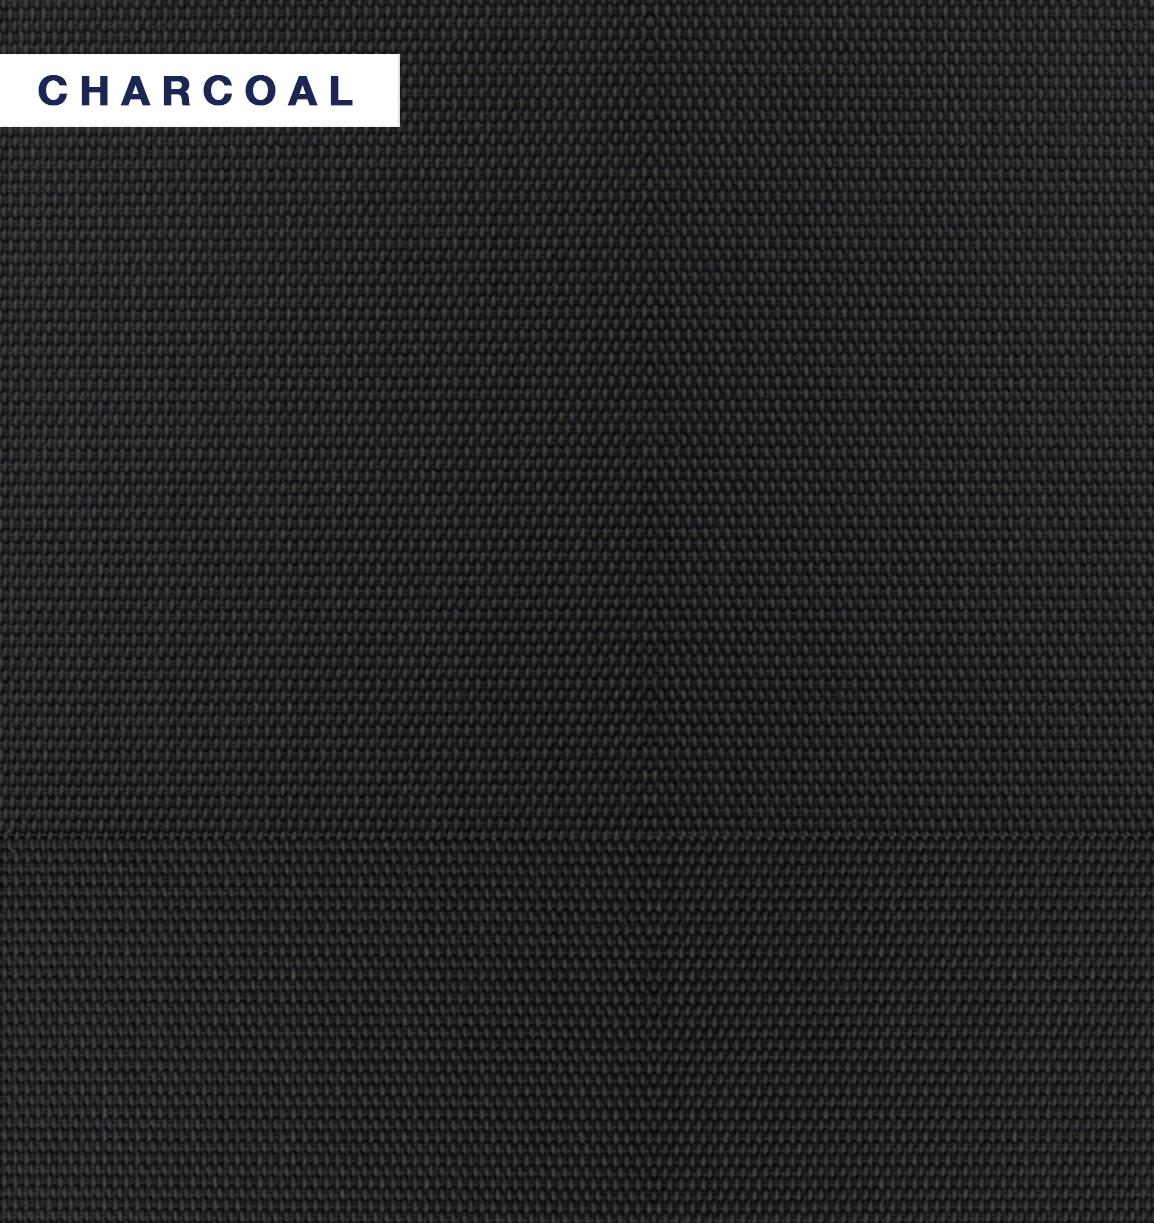 Vivid Shade - Charcoal.jpg